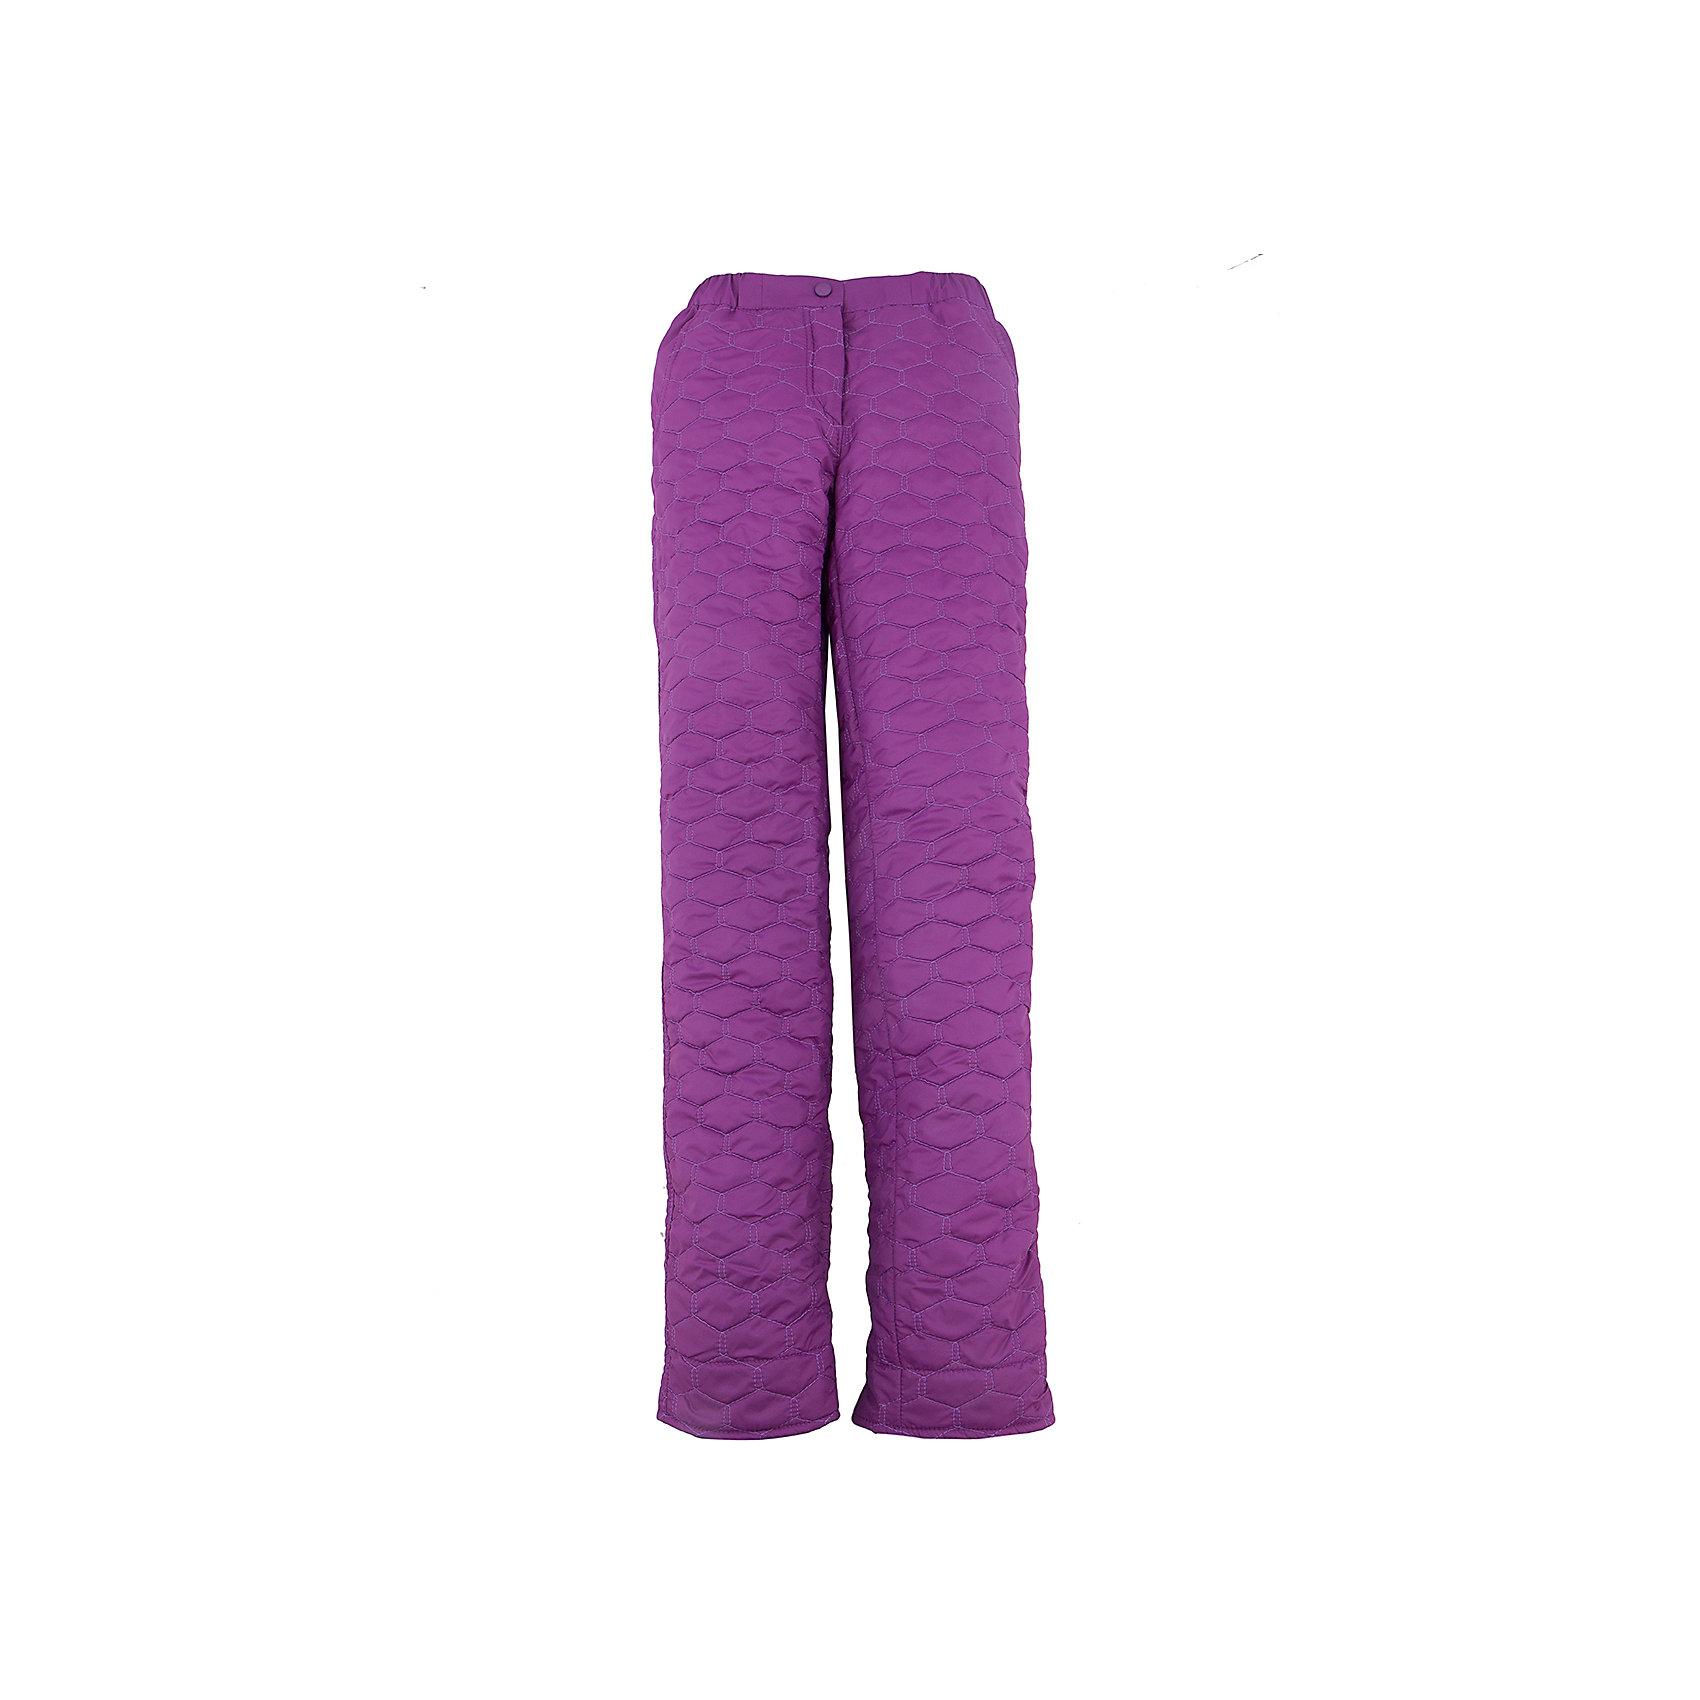 Брюки для девочки BOOM by OrbyВерхняя одежда<br>Характеристики товара:<br><br>• цвет: фиолетовый<br>• состав: 100% полиэстер; верх - таффета, подкладка - флис, без утеплителя<br>• температурный режим: от +15°до +5°С<br>• стеганые<br>• до 122 роста комплектуются съемными эластичными бретелями.<br>• с 128 роста есть регулировка по полноте и ширинка.<br>• карманы<br>• комфортная посадка<br>• страна производства: Российская Федерация<br>• страна бренда: Российская Федерация<br>• коллекция: весна-лето 2017<br><br><br>Такие брюки - универсальный вариант для межсезонья с постоянно меняющейся погодой. Эта модель - модная и удобная одновременно! Изделие отличается стильным продуманным дизайном. Брюки хорошо сидят по фигуре, отлично сочетаются с различным верхом. Вещь была разработана специально для детей.<br><br>Одежда от российского бренда BOOM by Orby уже завоевала популярностью у многих детей и их родителей. Вещи, выпускаемые компанией, качественные, продуманные и очень удобные. Для производства коллекций используются только безопасные для детей материалы. Спешите приобрести модели из новой коллекции Весна-лето 2017! <br><br>Брюки для девочки от бренда BOOM by Orby можно купить в нашем интернет-магазине.<br><br>Ширина мм: 215<br>Глубина мм: 88<br>Высота мм: 191<br>Вес г: 336<br>Цвет: фиолетовый<br>Возраст от месяцев: 144<br>Возраст до месяцев: 156<br>Пол: Женский<br>Возраст: Детский<br>Размер: 158,104,110,92,98,122,128,134,140,116,146,152<br>SKU: 5343617